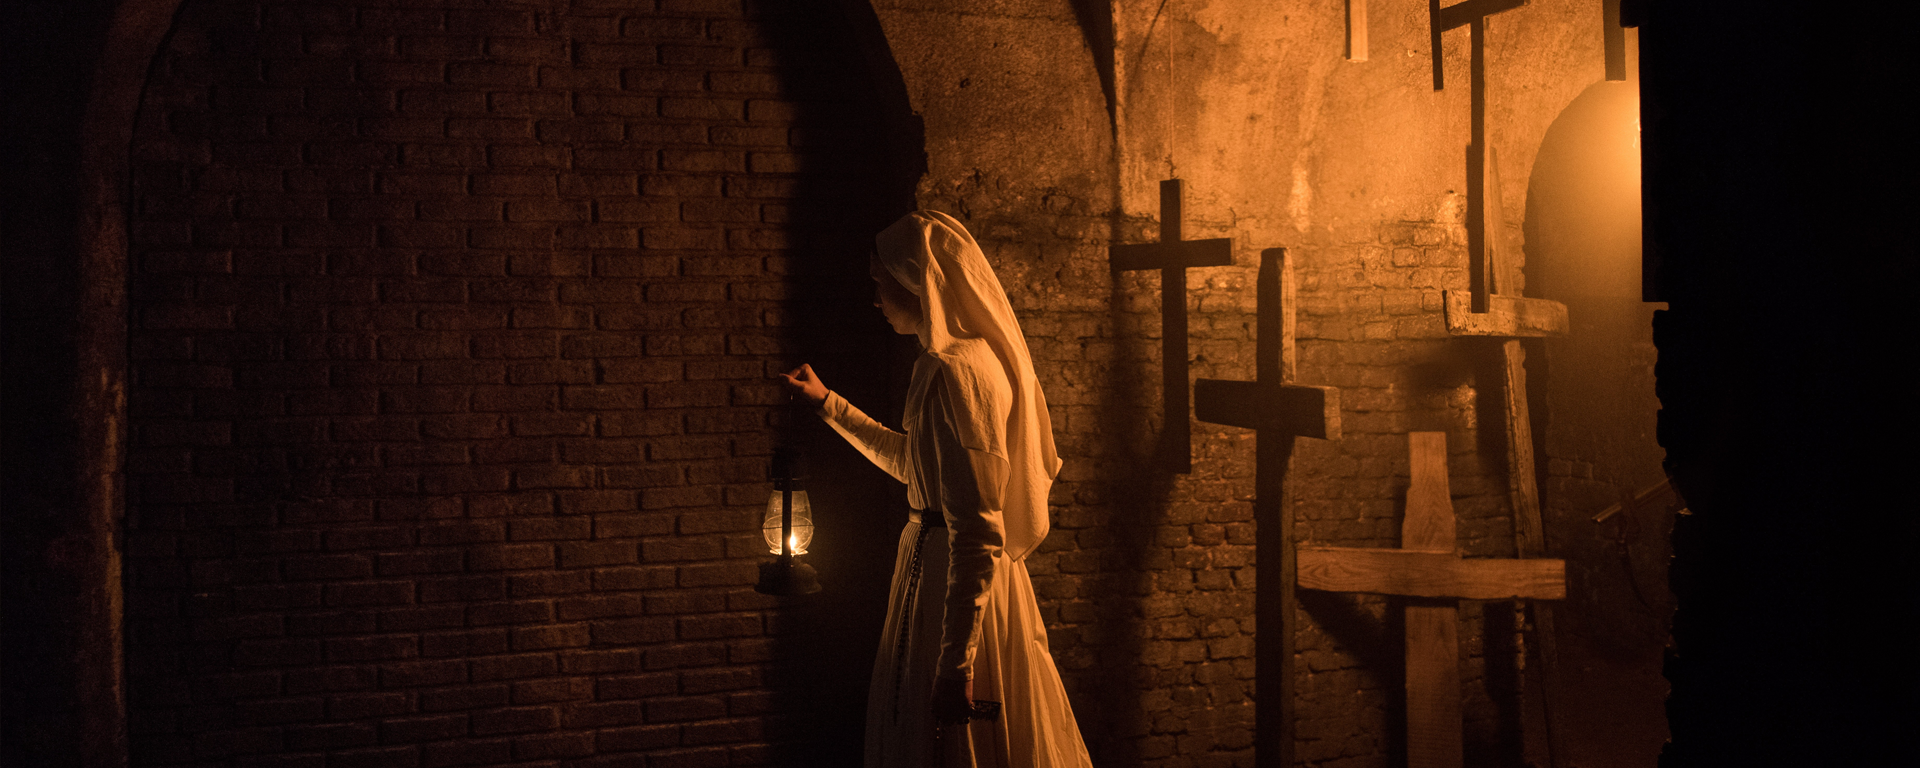 <em>The Nun</em>